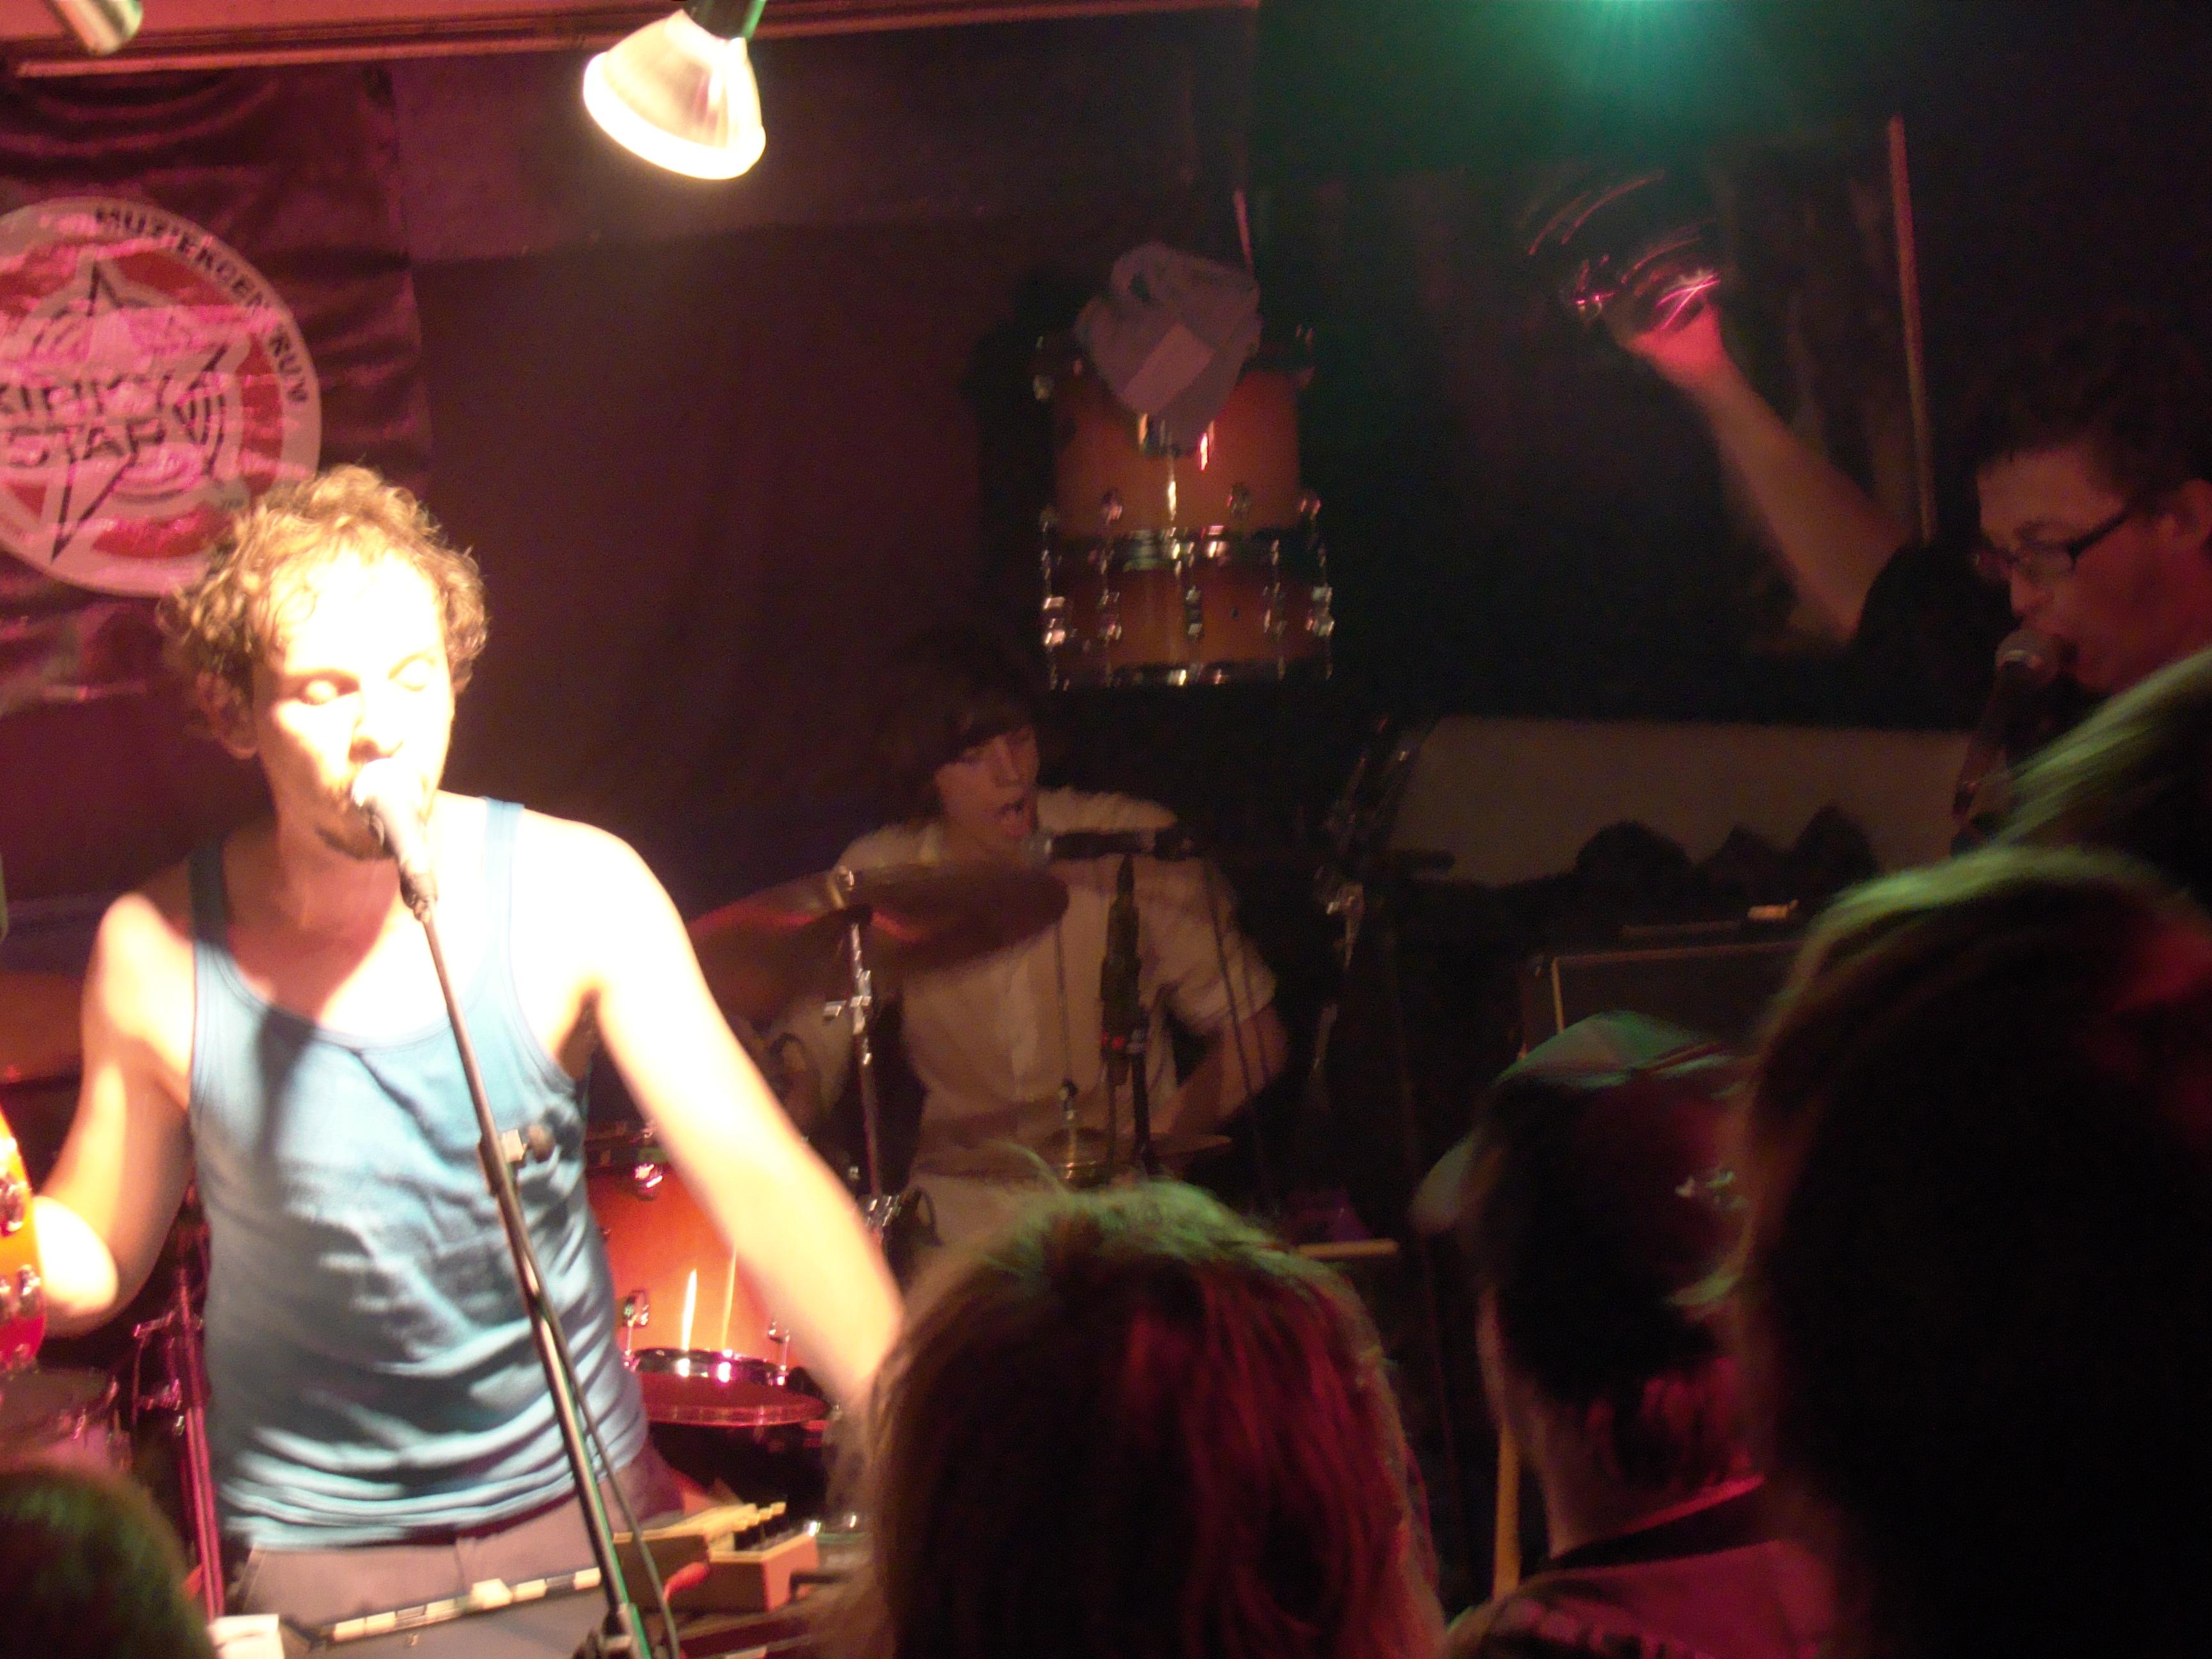 Rockgroep The Germans speelt een potige set in de Kinky Star. Dankzij de gespierde rock van het viertal blijft schrijver deze bij bewustzijn.